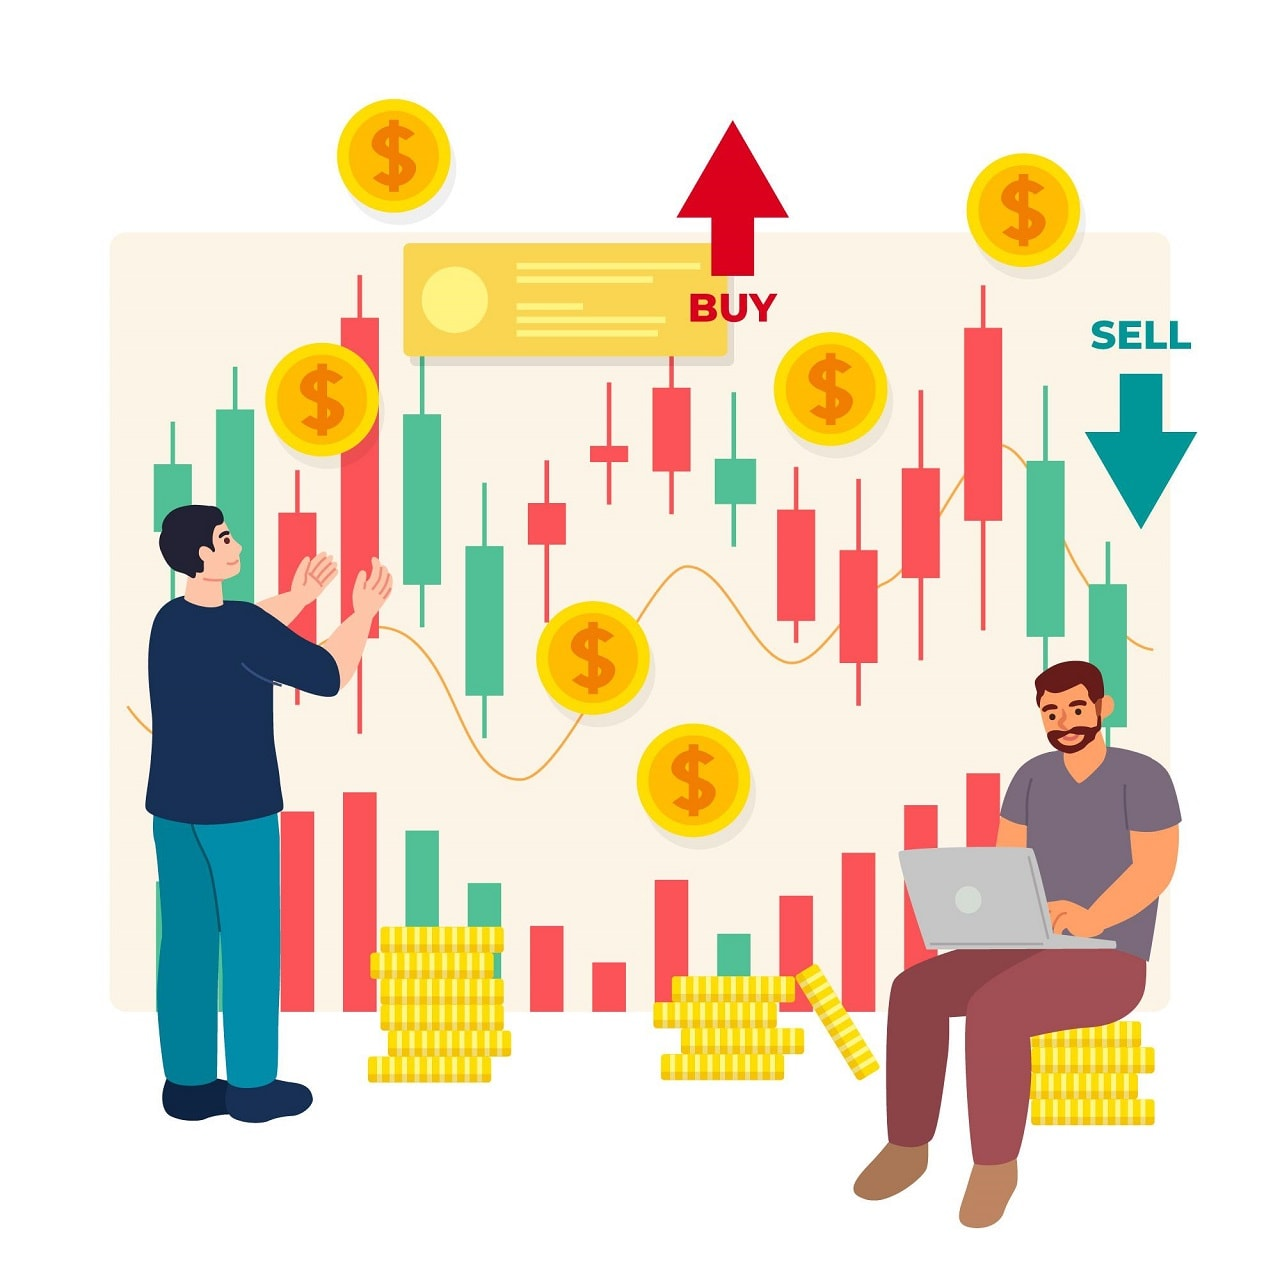 Kiếm tiền với cả thị trường giá lên và giá xuống